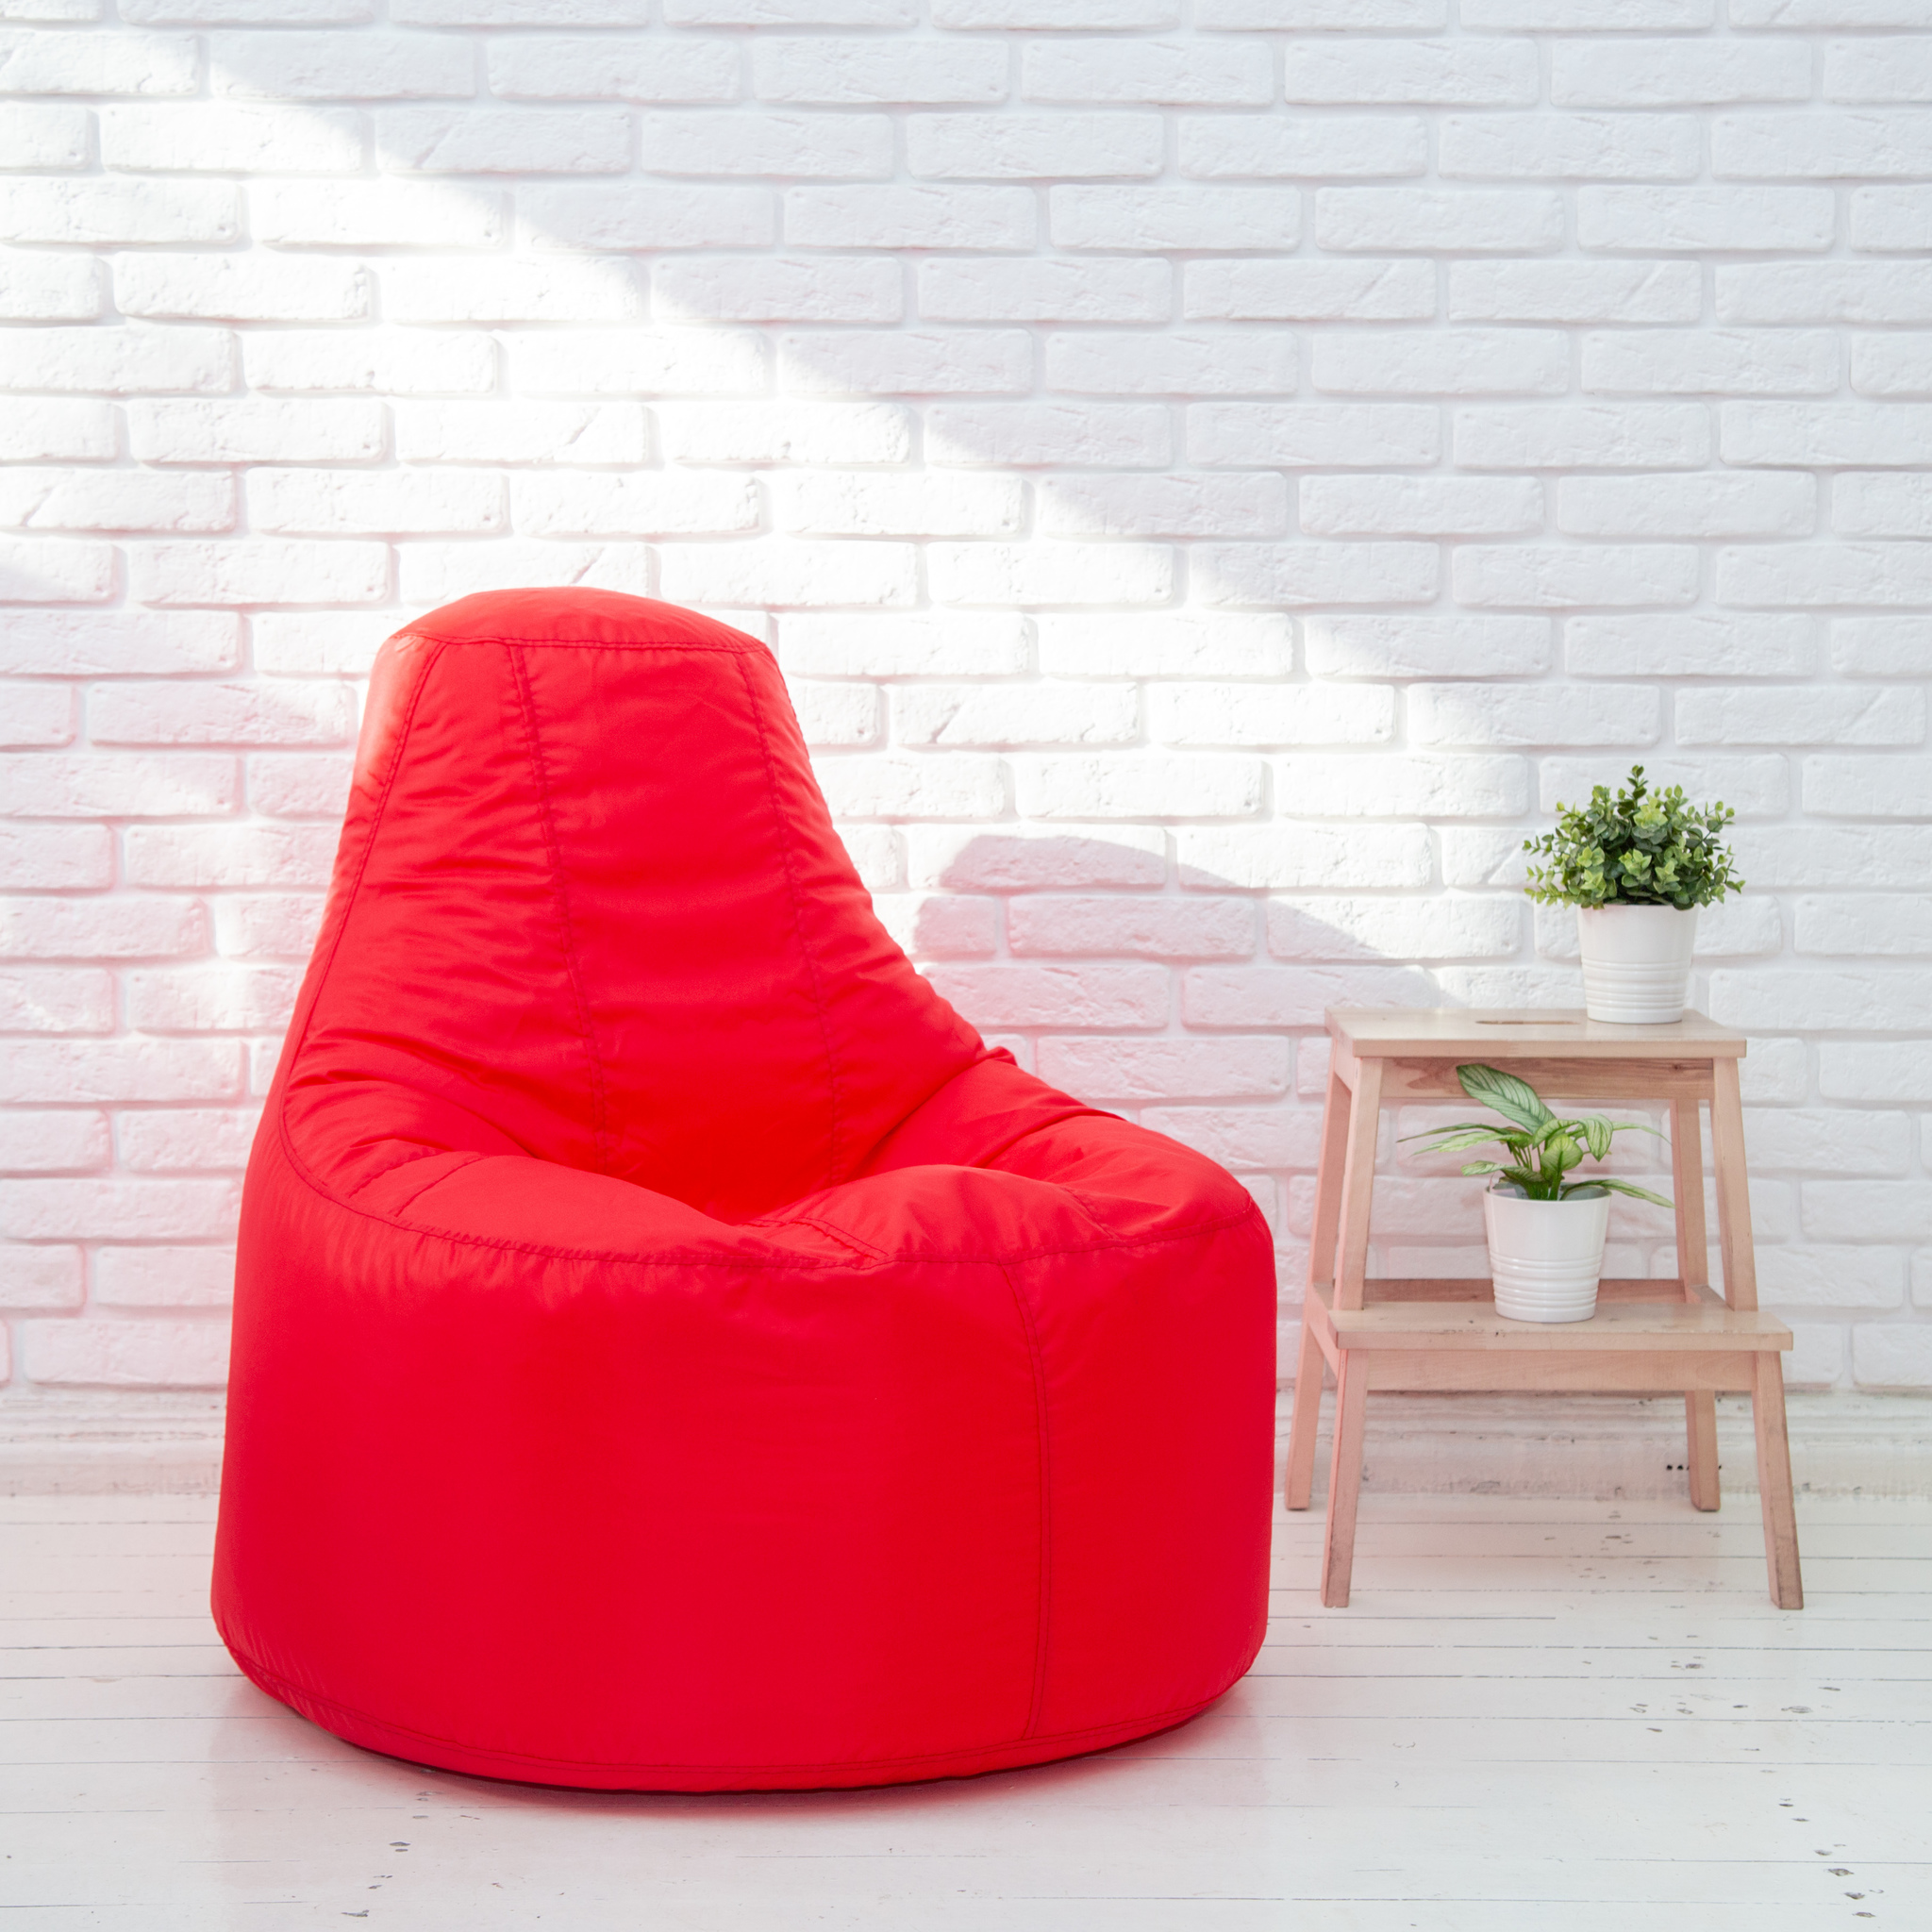 Кресло-пуф-красный